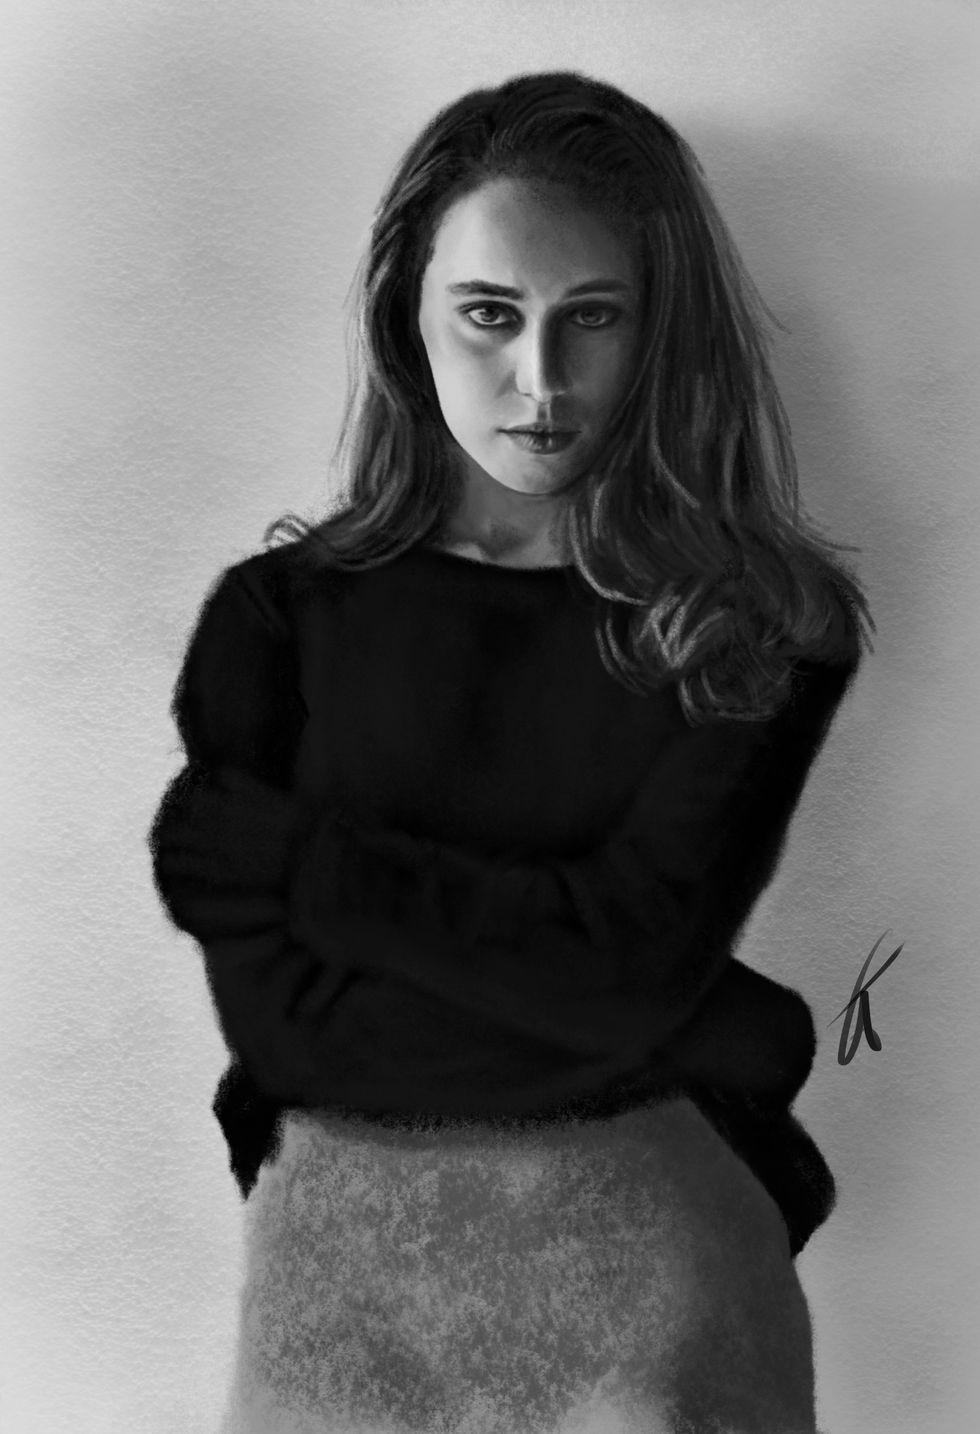 Alycia_debnam-carey_2.jpg